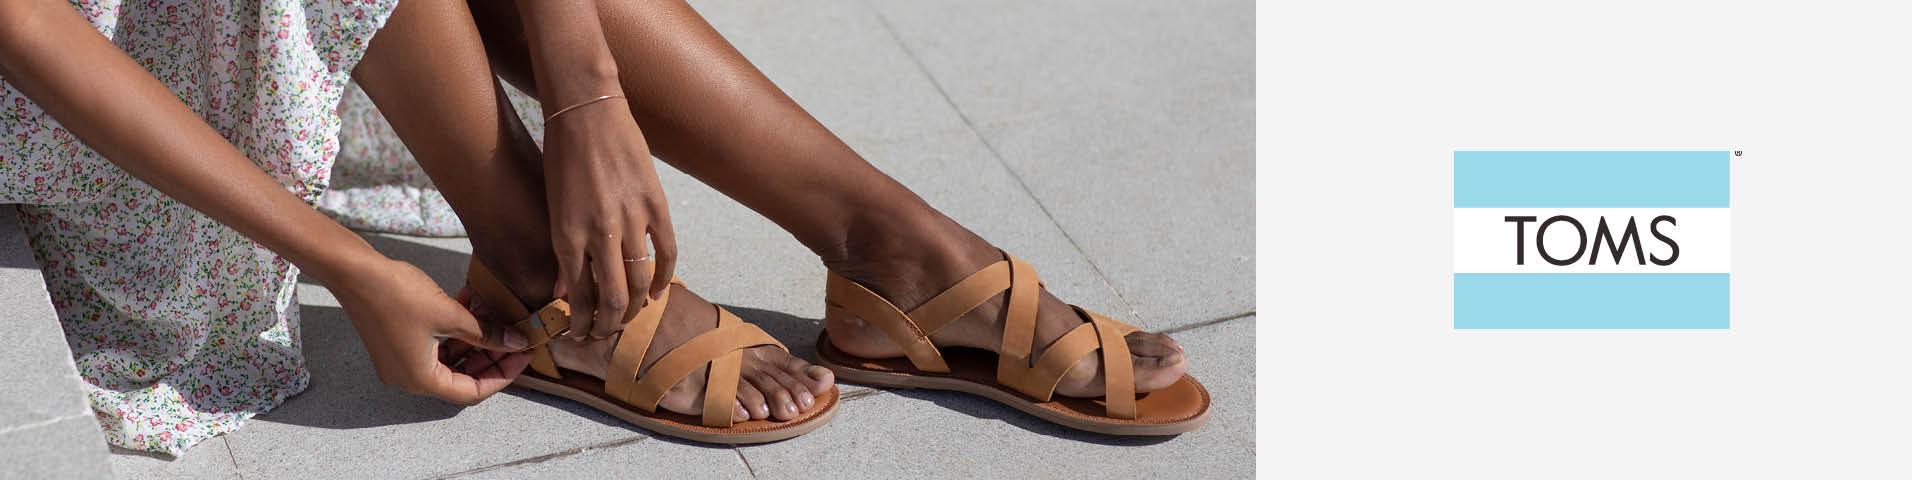 low priced 26e97 97eaa Scarpe TOMS | Grande assortimento di calzature su Zalando